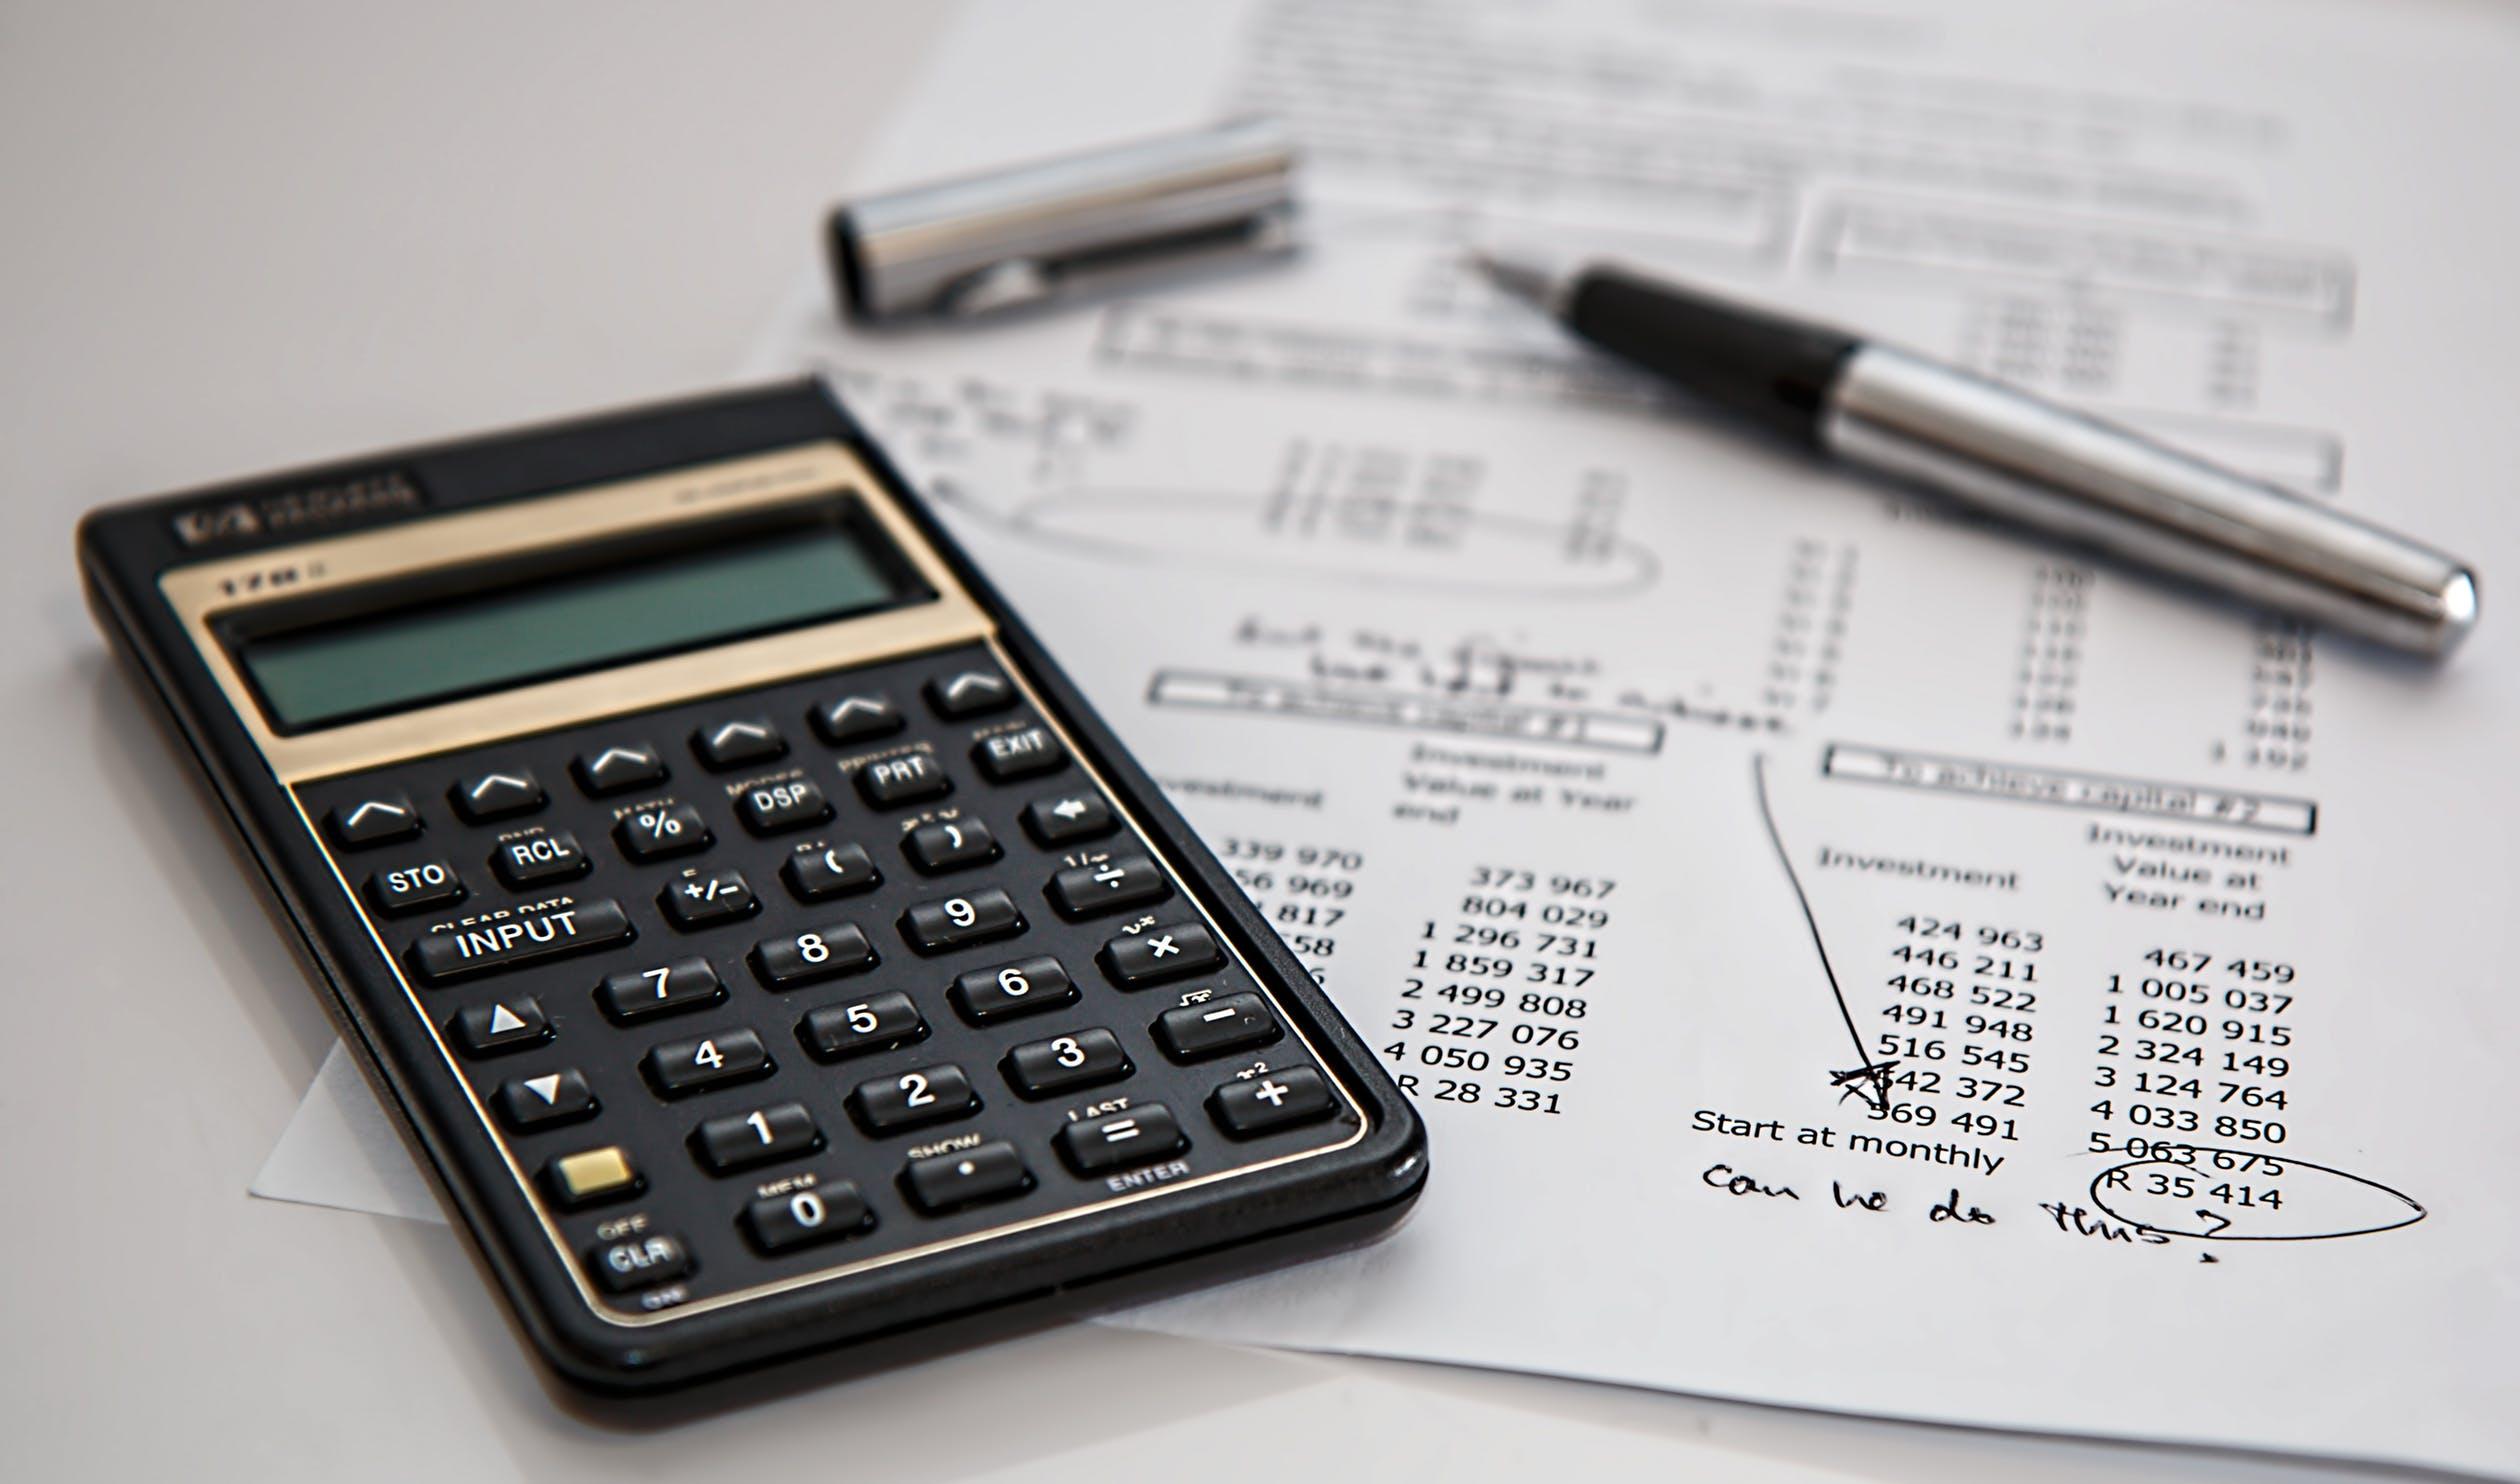 Investeringer og budget